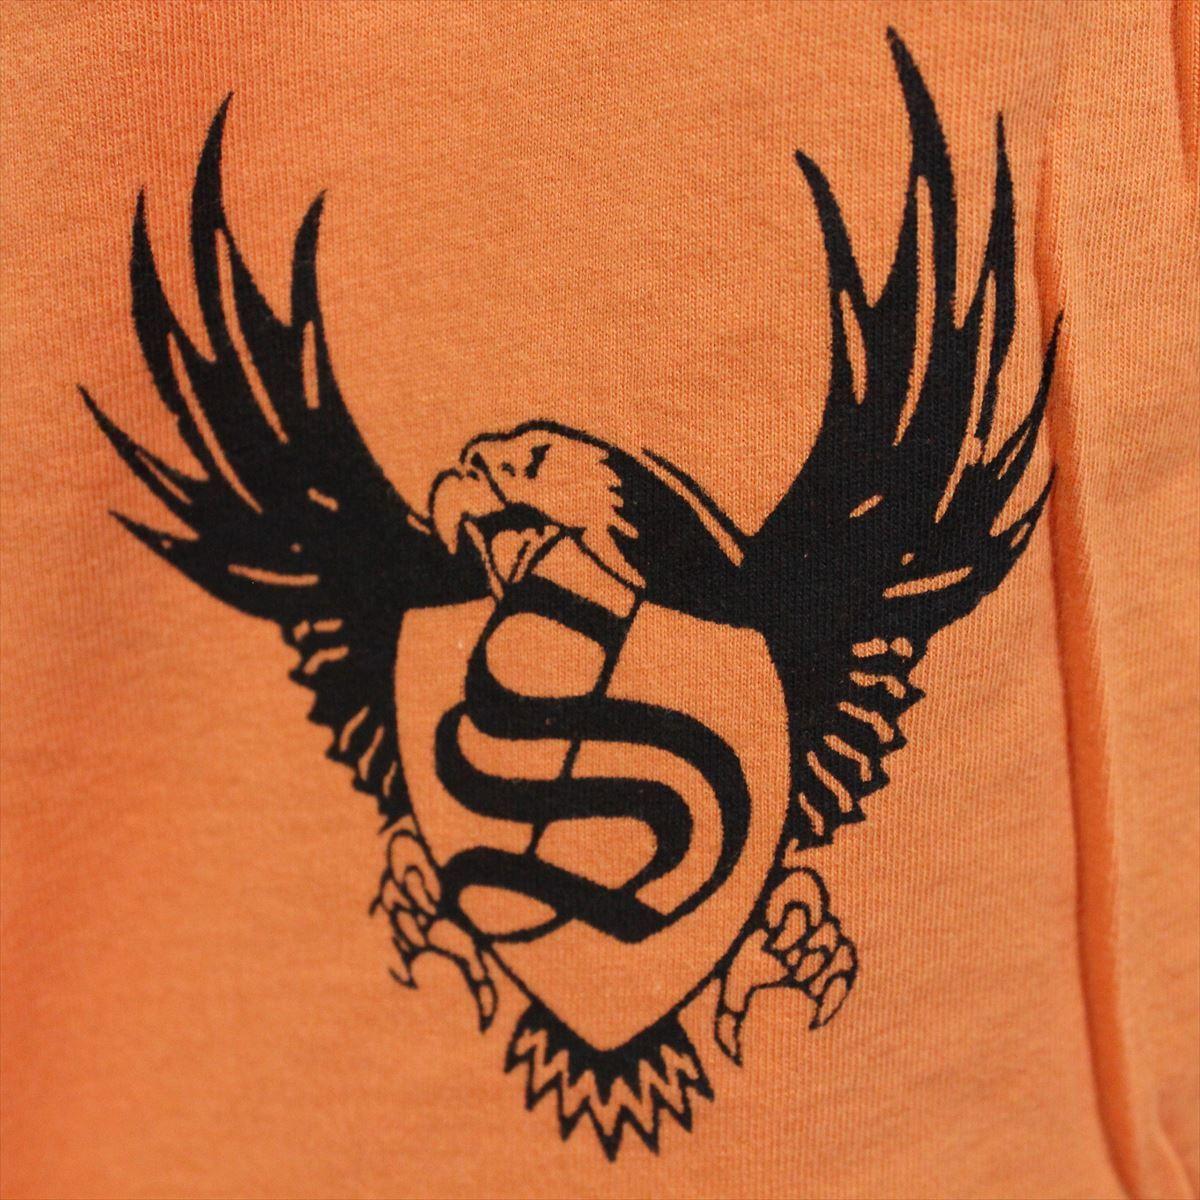 スメット SMET メンズ半袖Tシャツ オレンジ Sサイズ NO12 新品 スカル_画像4